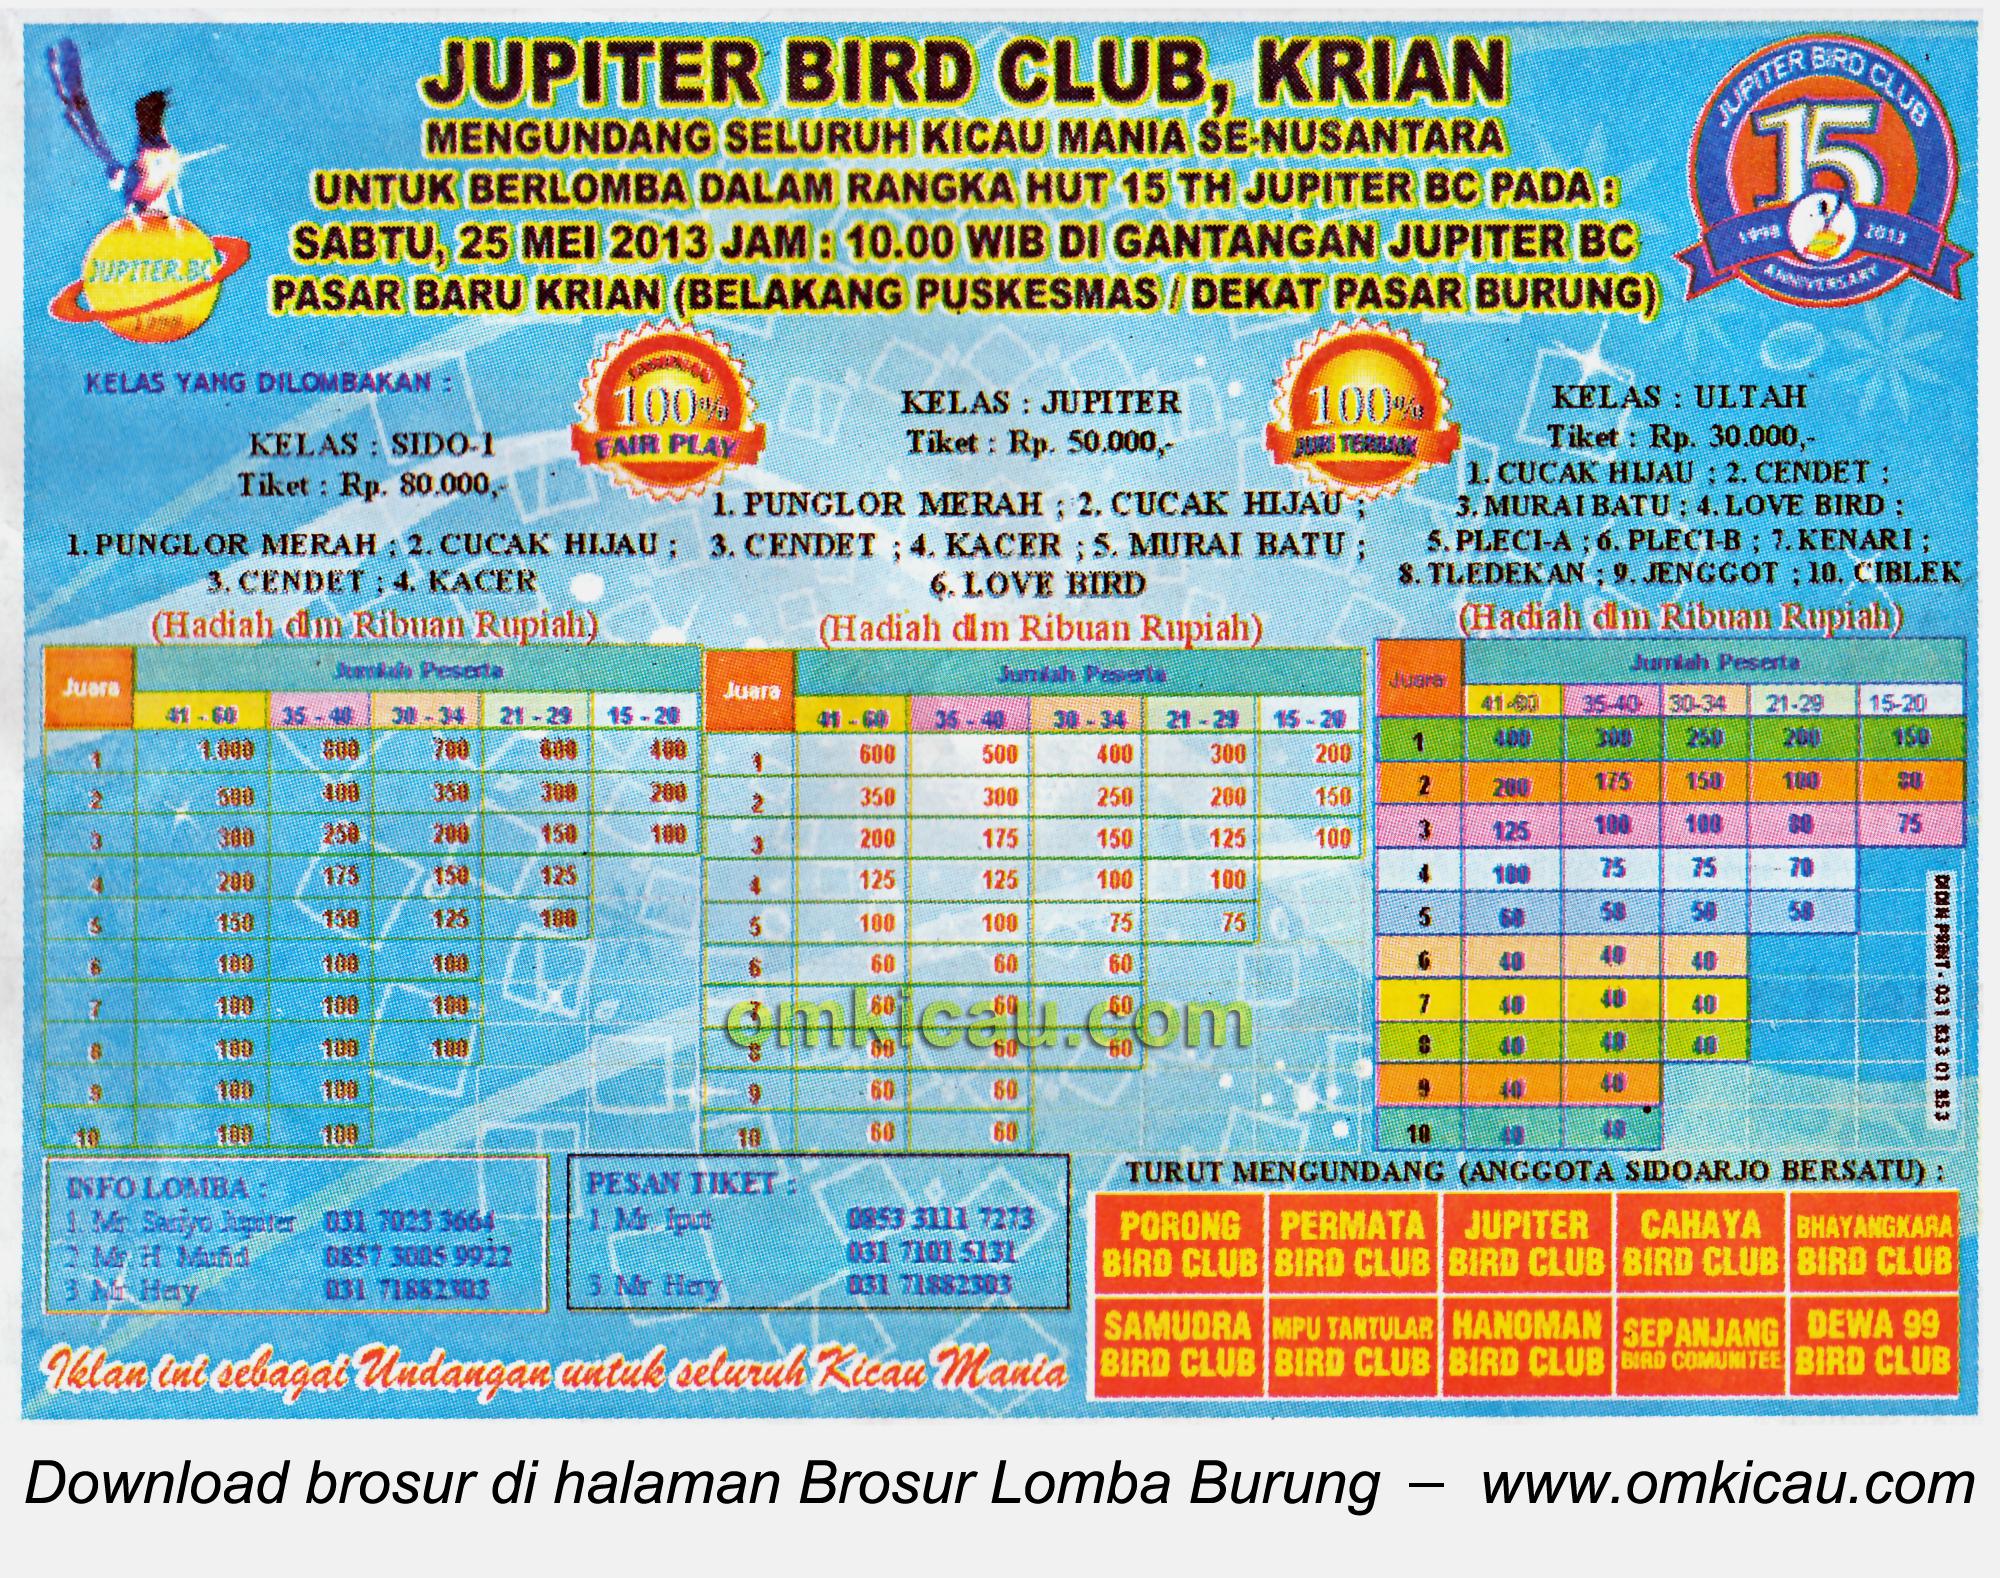 Brosur Lomba Burung Jupiter BC